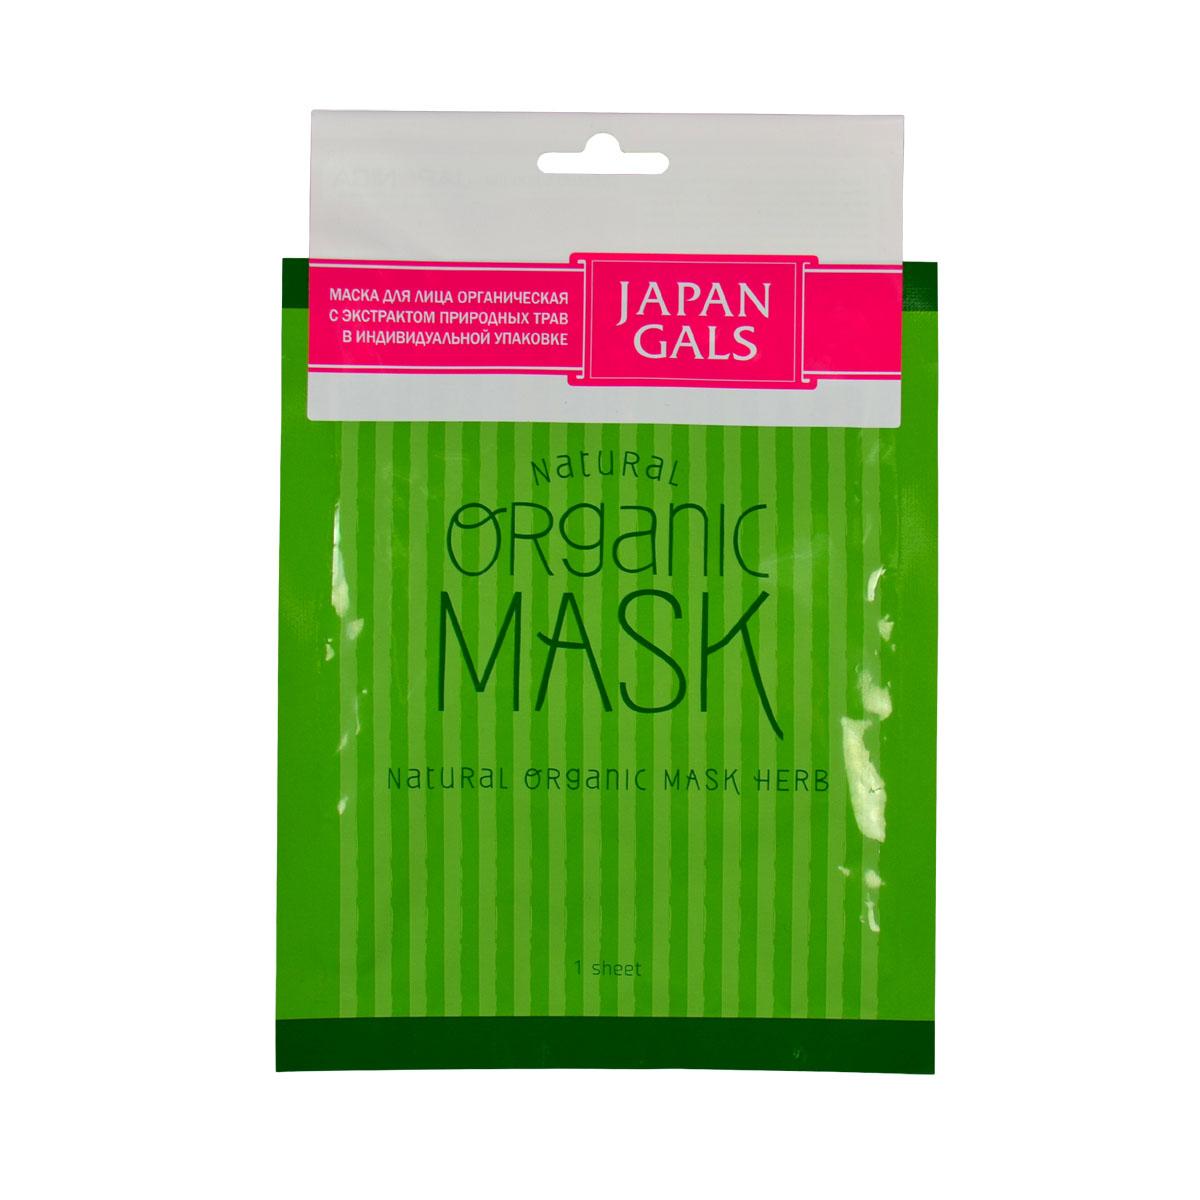 Japan Gals Маска для лица органическая с экстрактом природных трав 1 штБ63003 мятаОрганическая маска JAPAN GALS с экстрактом природных трав создана для успокоения кожи. Все компоненты подбирались особенно тщательно, а органический хлопок из которого создана маска естественно и мягко заботится о лице. Маска подходят для всех типов кожи и в любом возрасте.Чтобы ваша кожа сияла здоровьем, Вам потребуется всего 10-15 минут в день для ухода за ней. Маска очень проста в применении, а после ее использования лицо не требует дополнительного умывания. Тканевая основа маски пропитана сывороткой, и благодаря плотному прилеганию маски к лицу состав проникает глубоко в кожу, успокаивая и увлажняя ее изнутри. Так же у маски имеются специальные кармашки для проработки зоны в области глаз.В состав маски входят экстракты лаванды, розмарина, ромашки, с добавлением в сыворотку масла оливы. Экстракт лаванды тонизирует, успокаивает и питает кожу, избавляет от жирного блеска и делает кожу матовой.Экстракт розмарина способствует сужению пор, стимулирует кровообращение, разглаживает кожный рельеф, а также очищает и тонизирует кожу. Экстракт ромашки улучшает цвет лица, восстанавливает, увлажняет, омолаживает и придает коже свежесть.Масло оливы нормализует кислородный обмен и питание клеток кожи, препятствует старению и увяданию, глубоко увлажняет и смягчает кожу, а также делает ее более упругой.Способ применения: Расправить маску. Плотно приложить к чистому лицу. Держать в течение 10-15 минут. При использовании маски на глаза веки следует держать закрытыми. Для особо тщательной проработки зоны под глазами сложите специальную накладку два раза. После применения маски лицо не требует дополнительного умывания. Меры предосторожности: Аллергические реакции возможны только в случае индивидуальной непереносимости отдельных компонентов. При покраснении, зуде, раздражении, прекратить применение продукта и проконсультироваться со специалистом. Не использовать при открытых ранах и опухолях. В целях гиг